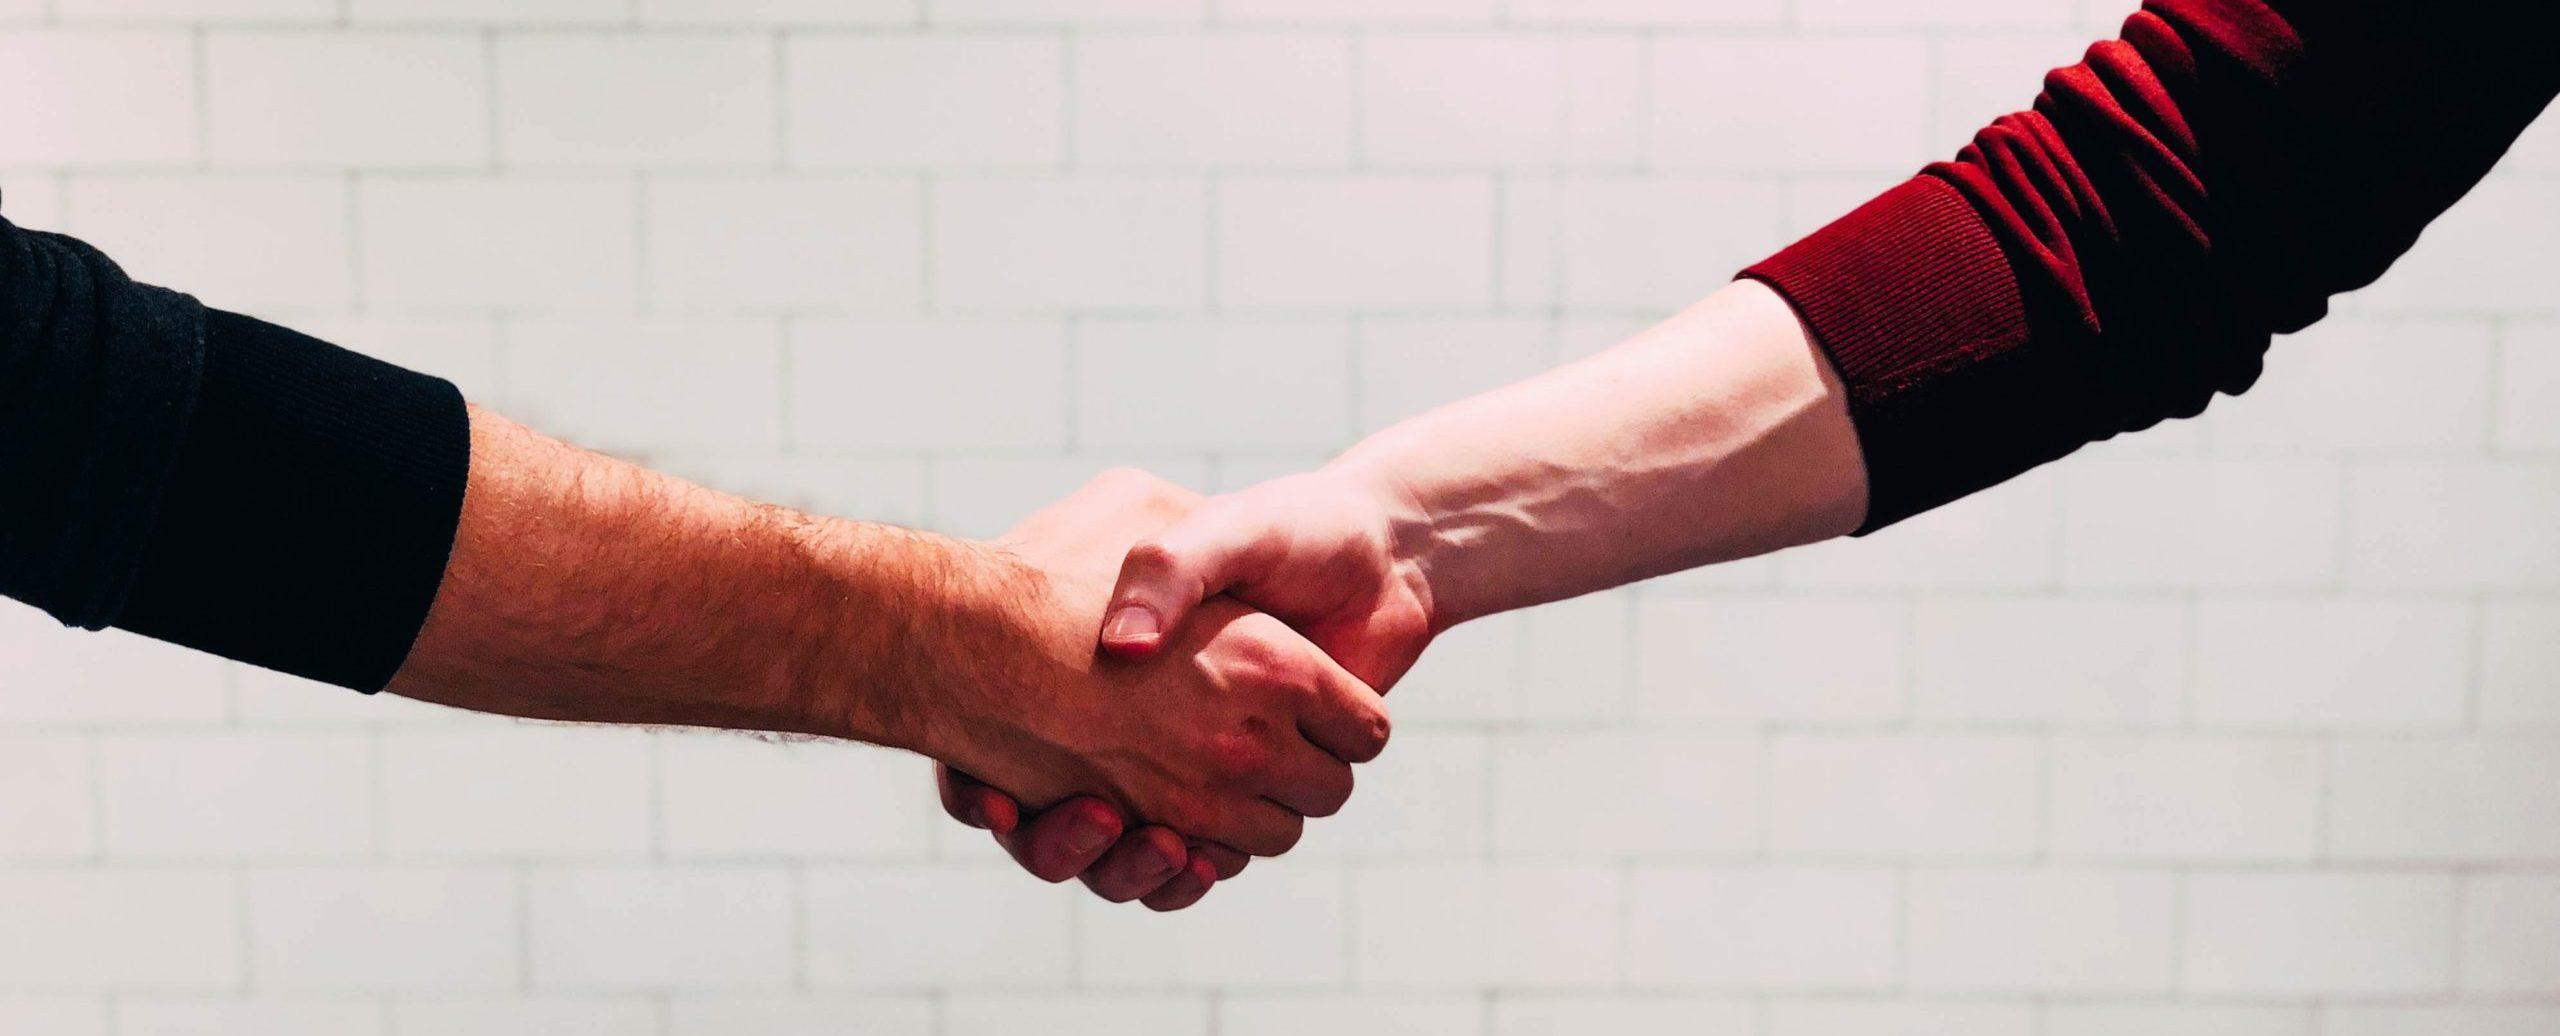 Zwei Personen die sich die Hände schütteln